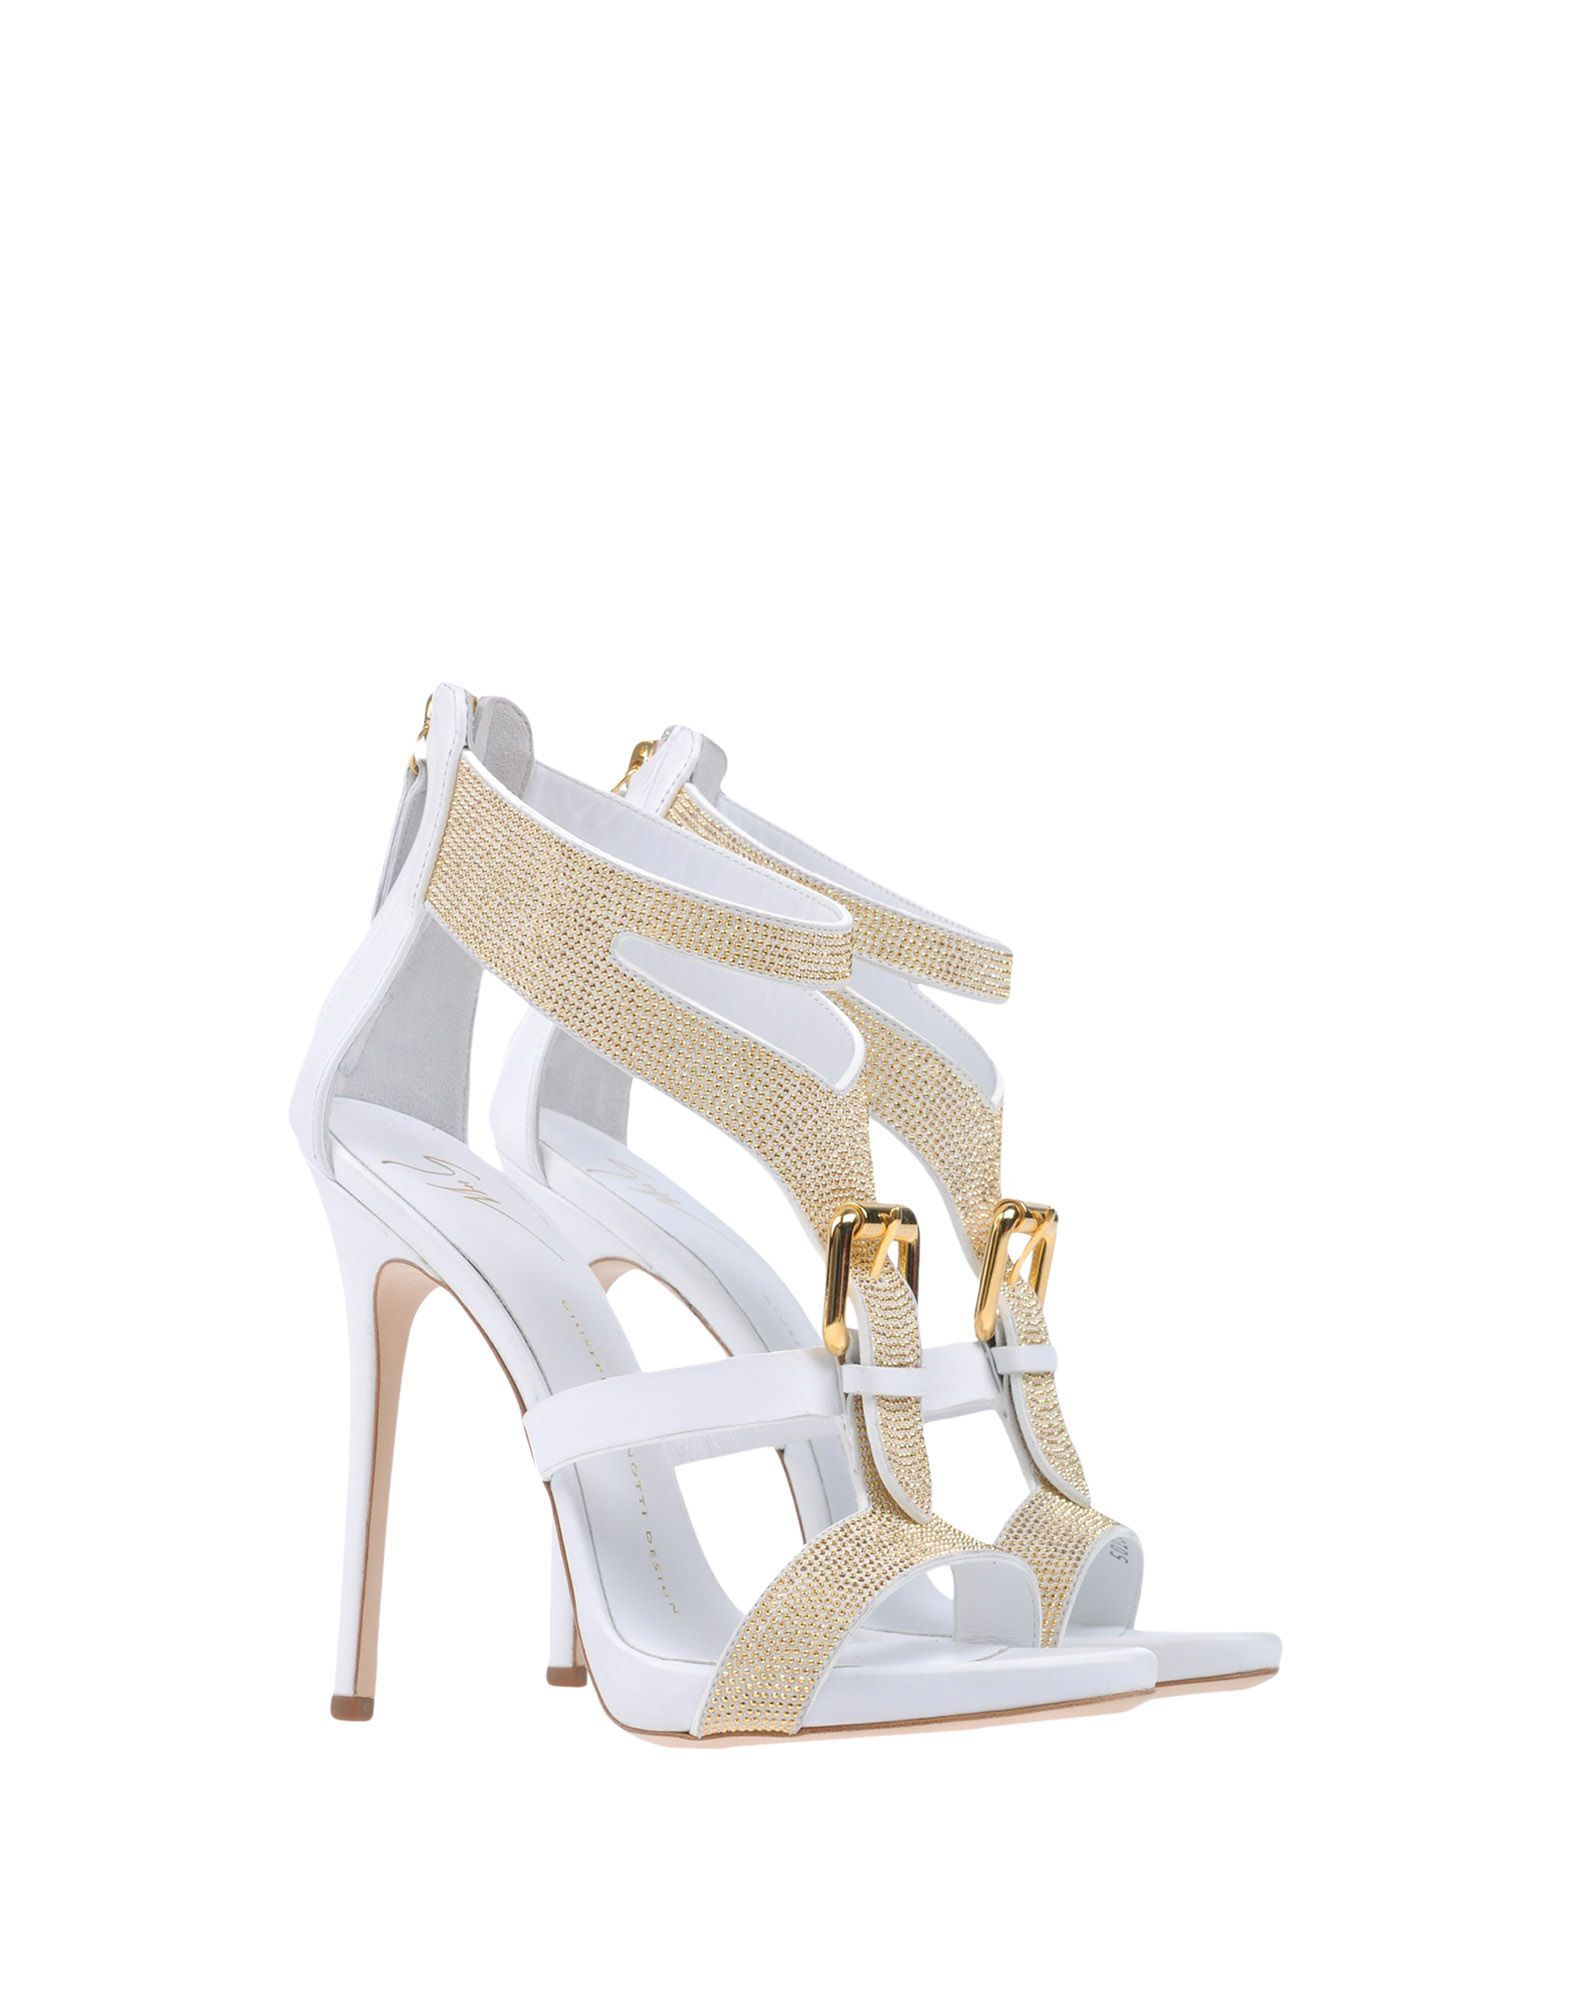 Giuseppe Zanotti Design Sandals - Women Giuseppe Zanotti Design Sandals online on YOOX United States - 11172618VG